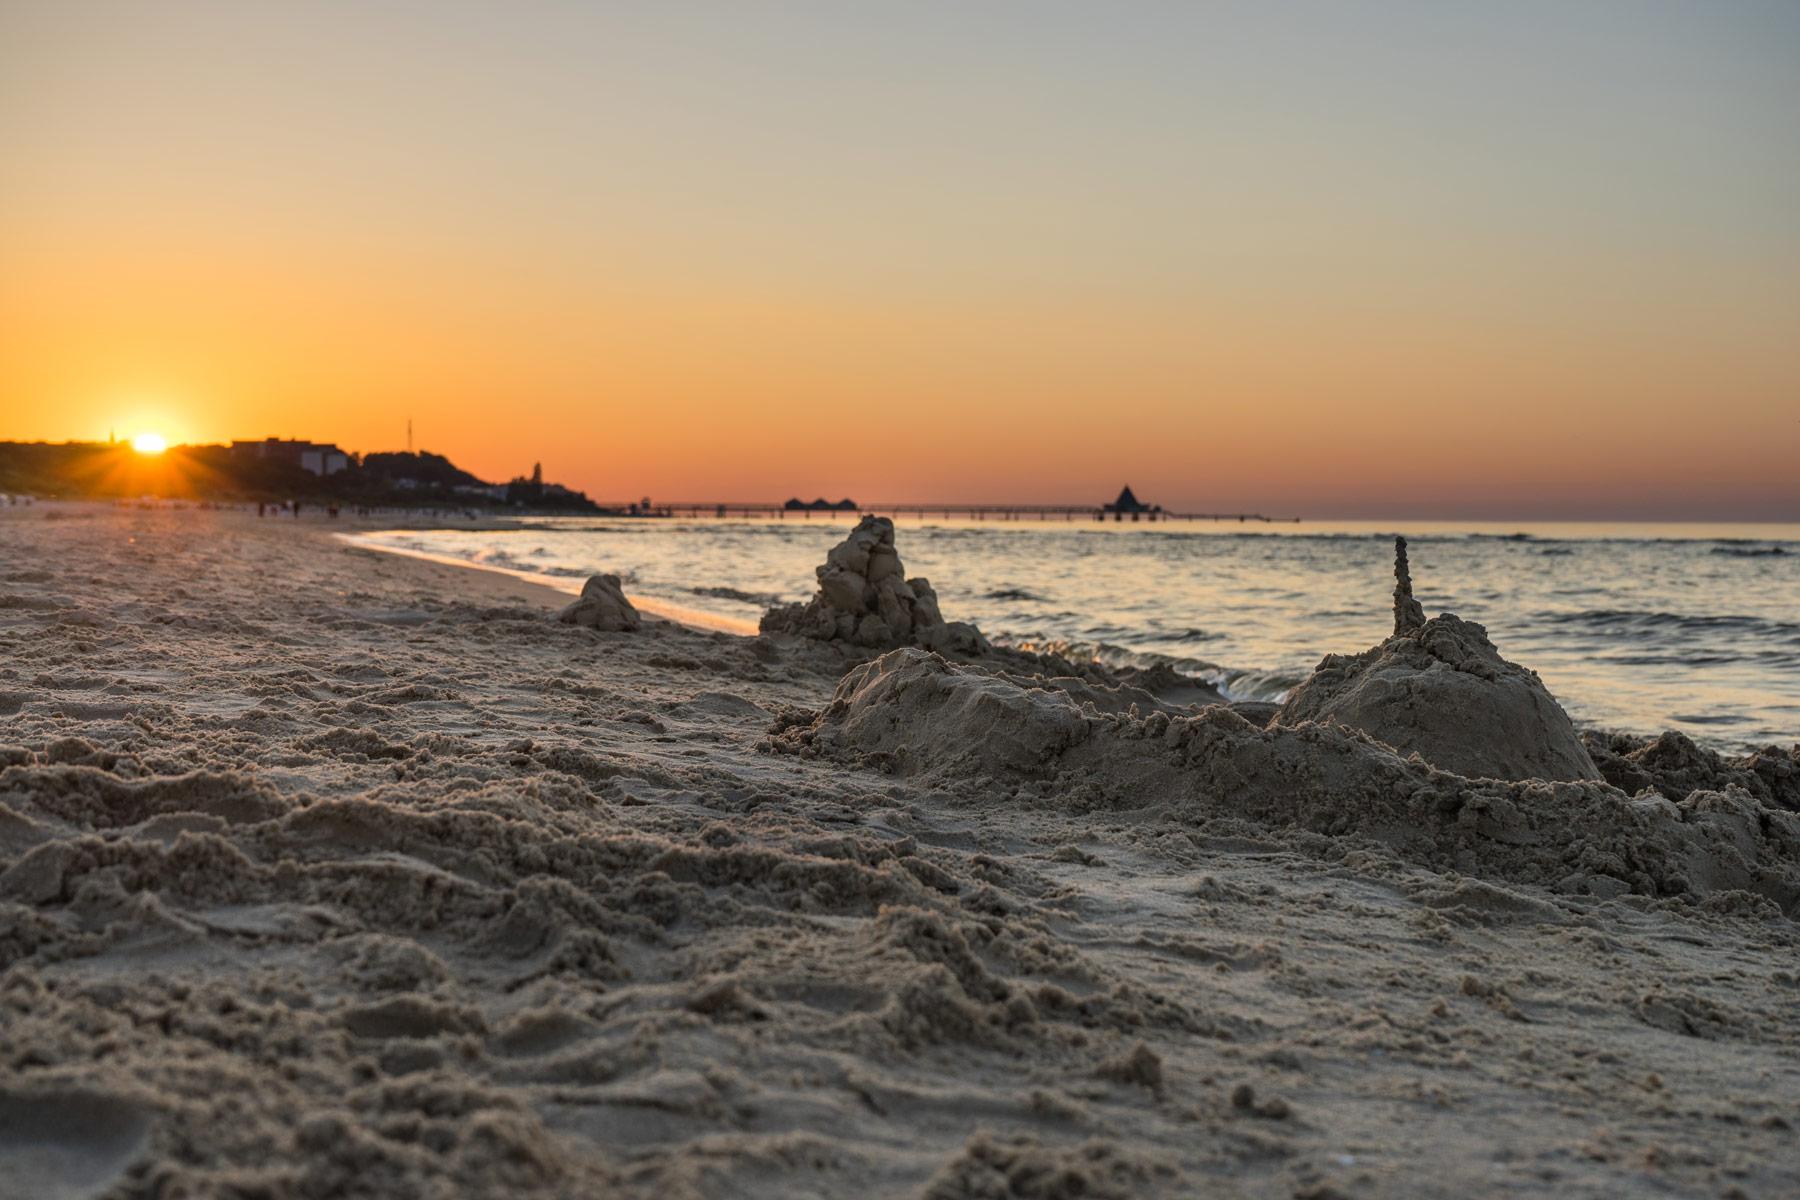 Sonnenuntergang am Strand von Ahlbeck